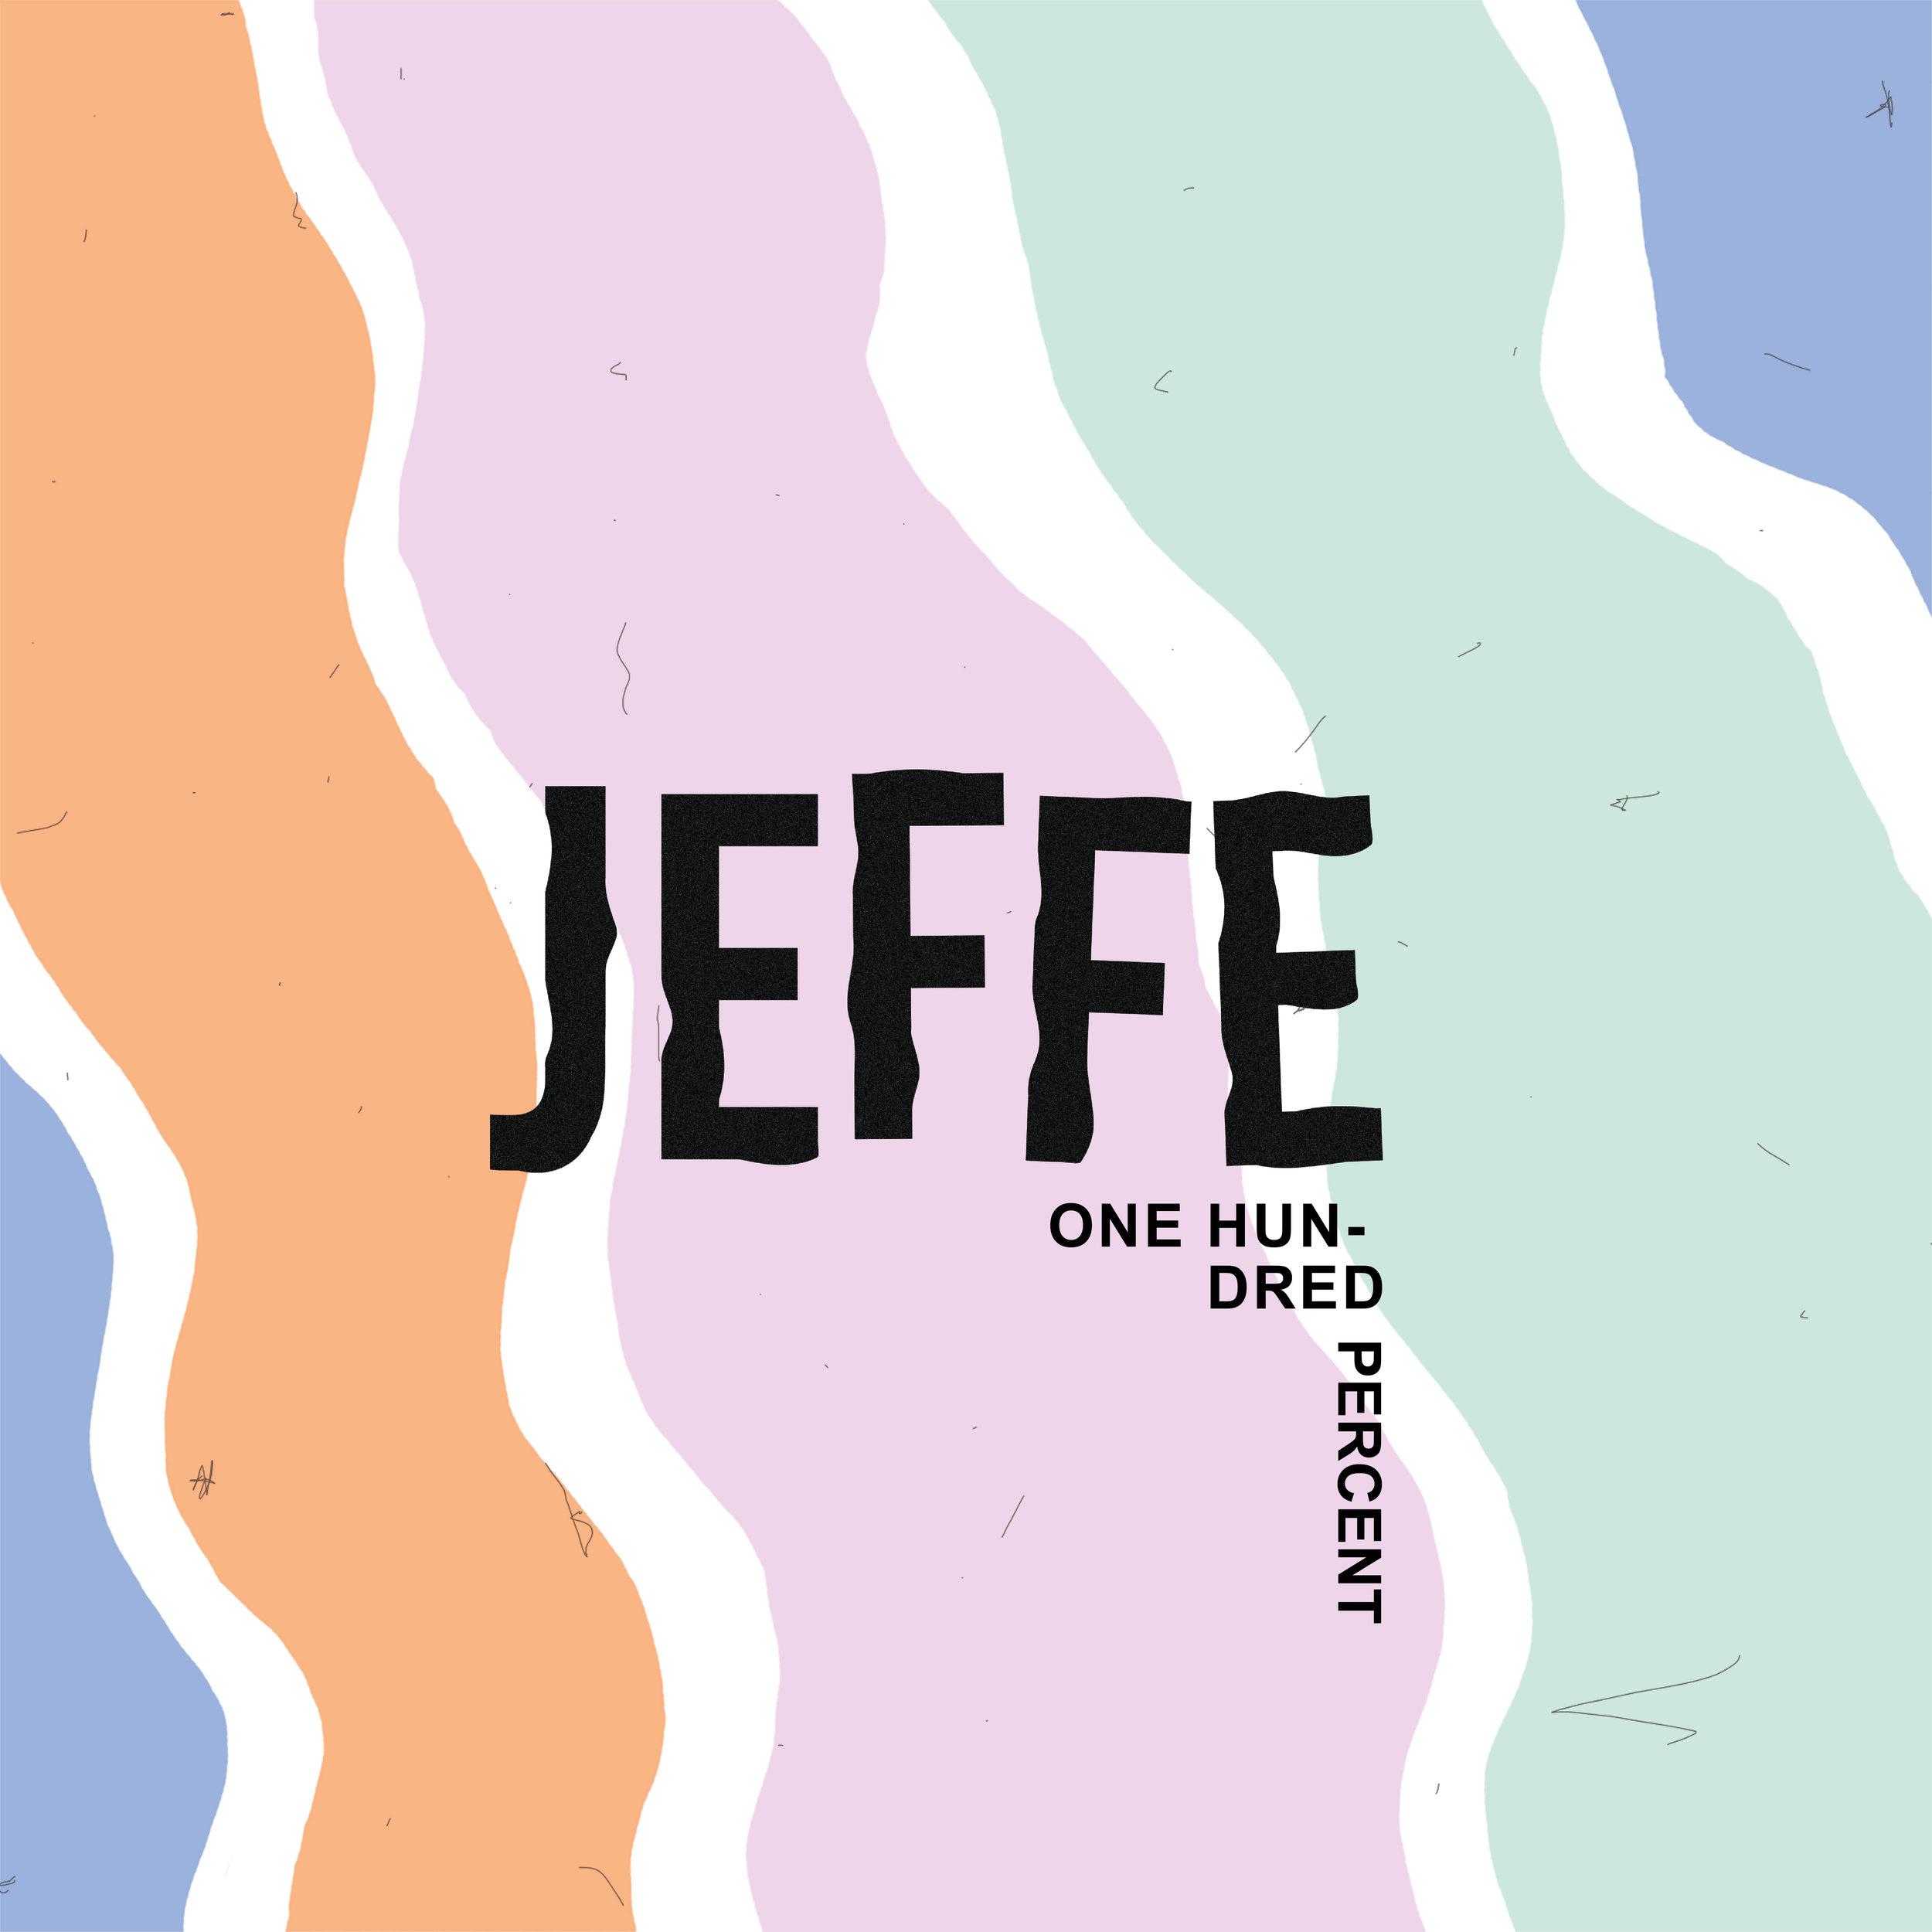 JEFFE_EP_1600x1600.jpg